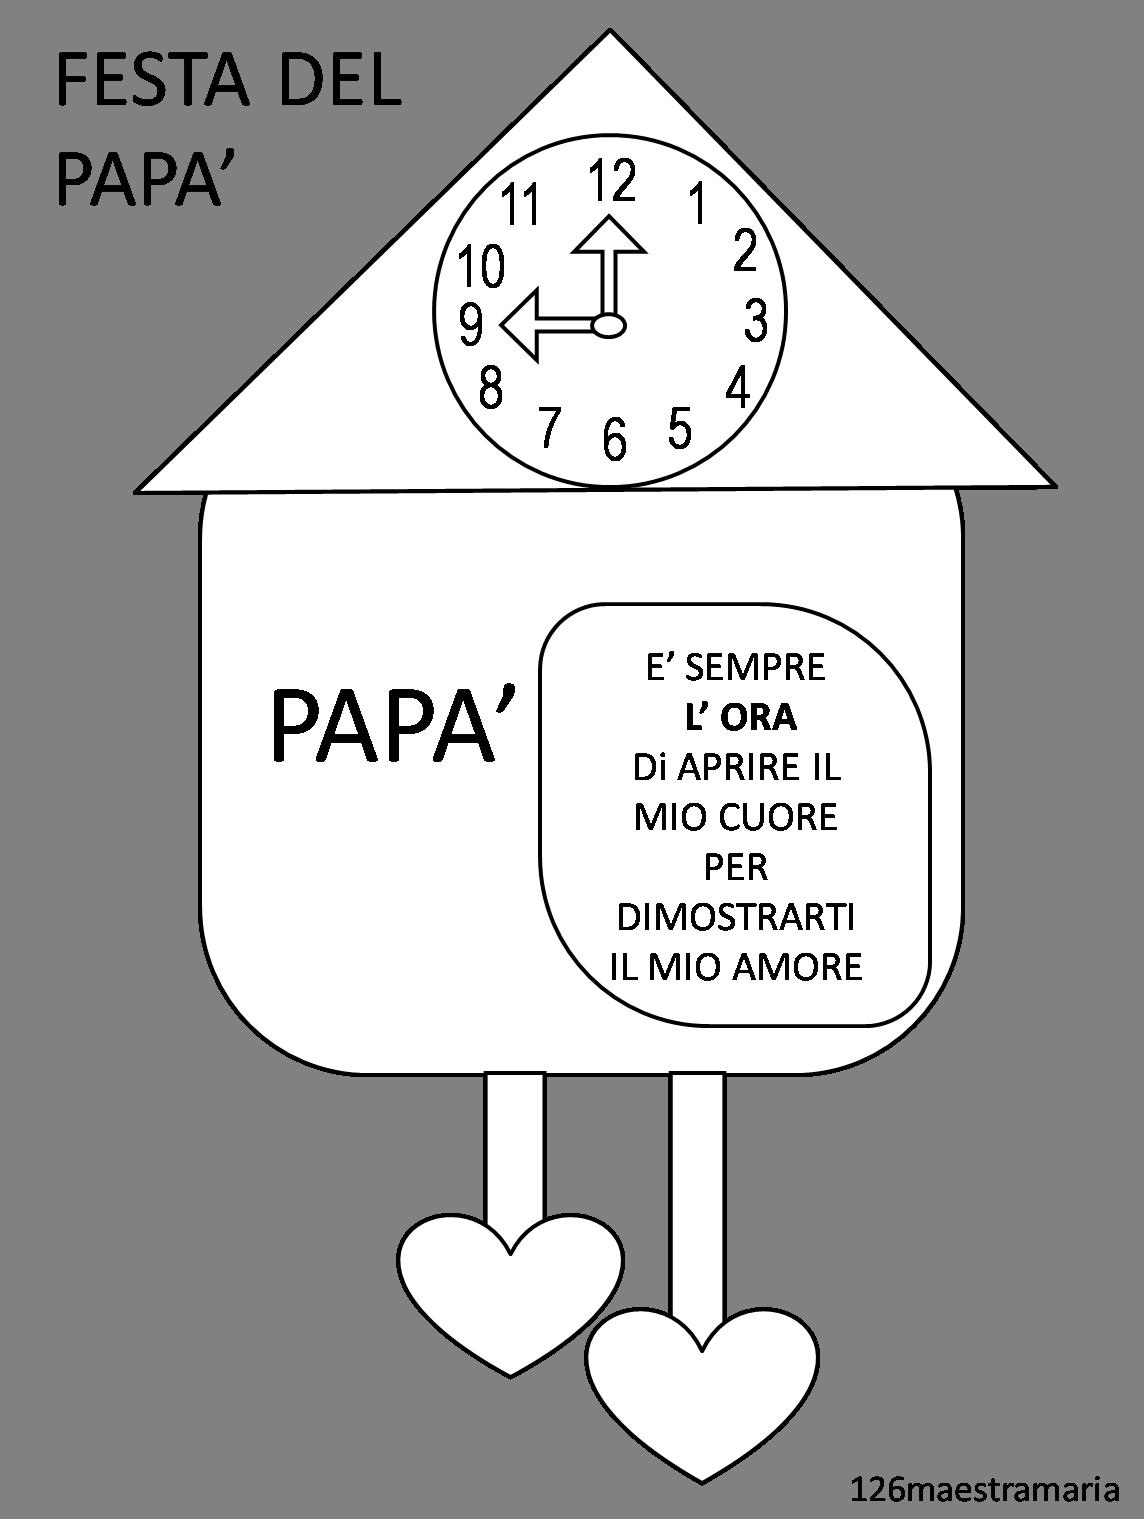 Disegni Da Colorare E Stampare Per Il Mio Papa.Risultati Immagini Per Festa Del Papa Lavoretti Da Colorare